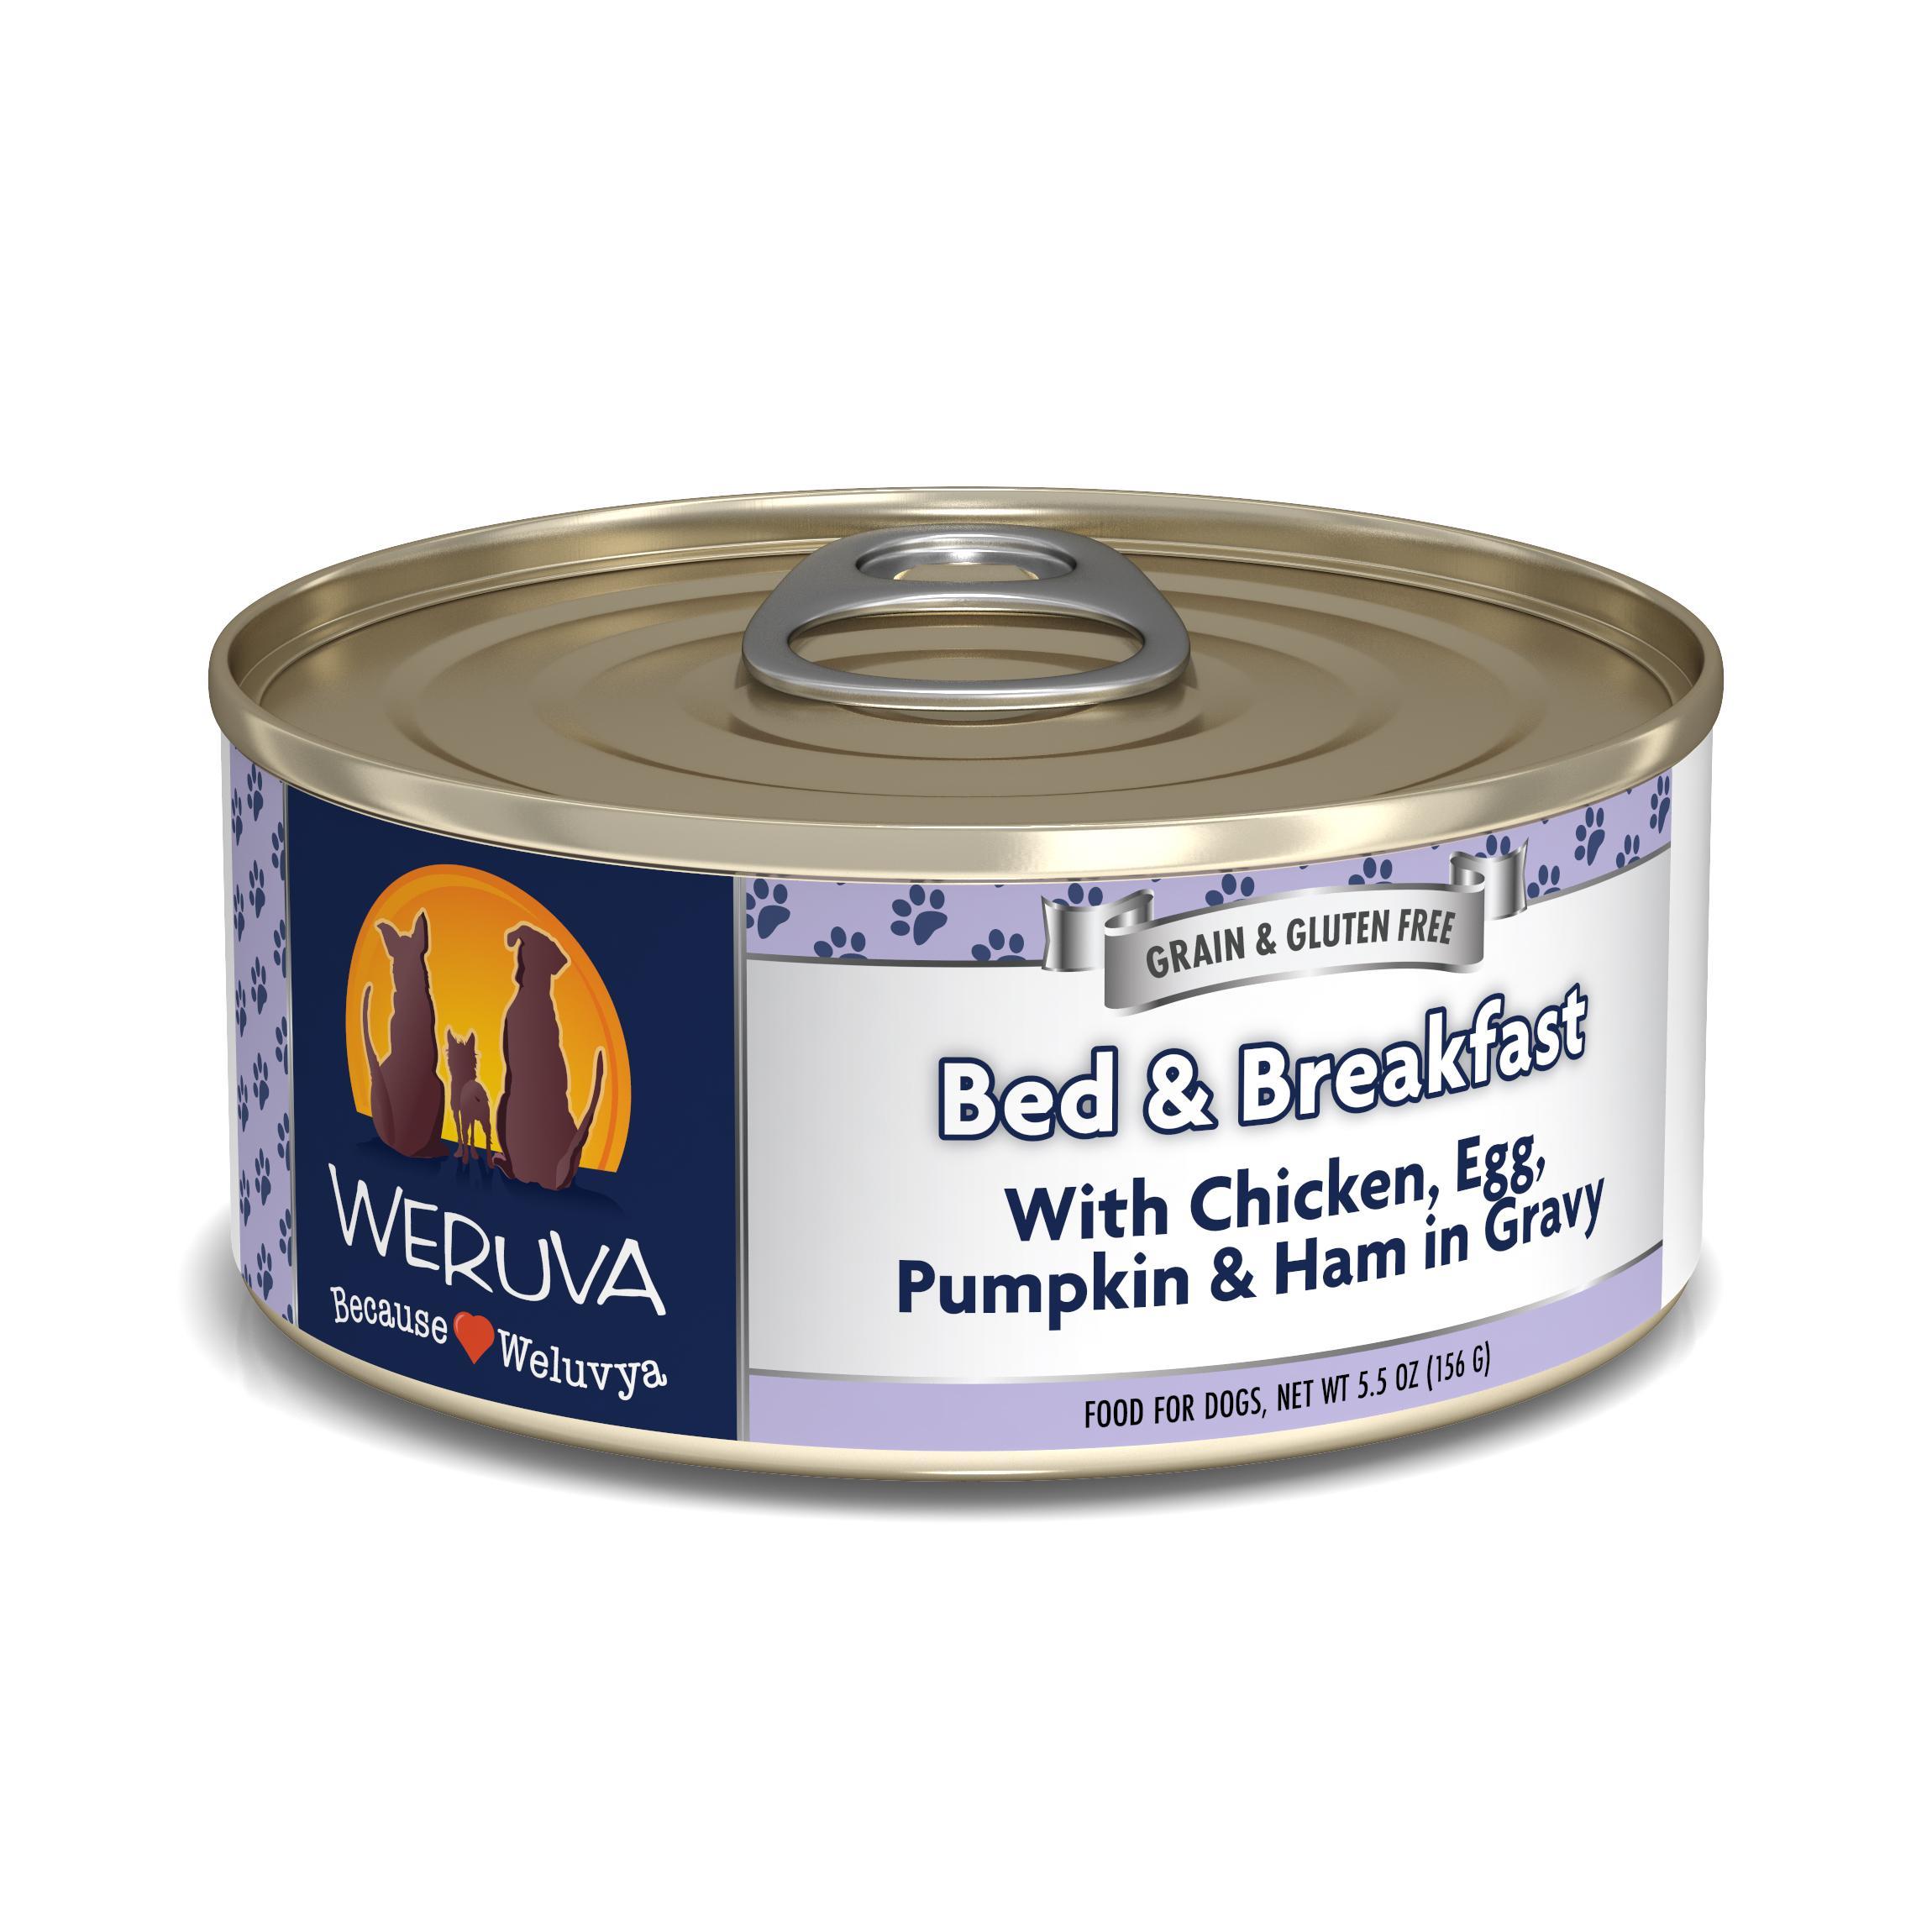 Weruva Dog Classic Bed & Breakfast with Chicken, Egg, & Pumpkin in Gravy Grain-Free Wet Dog Food Image